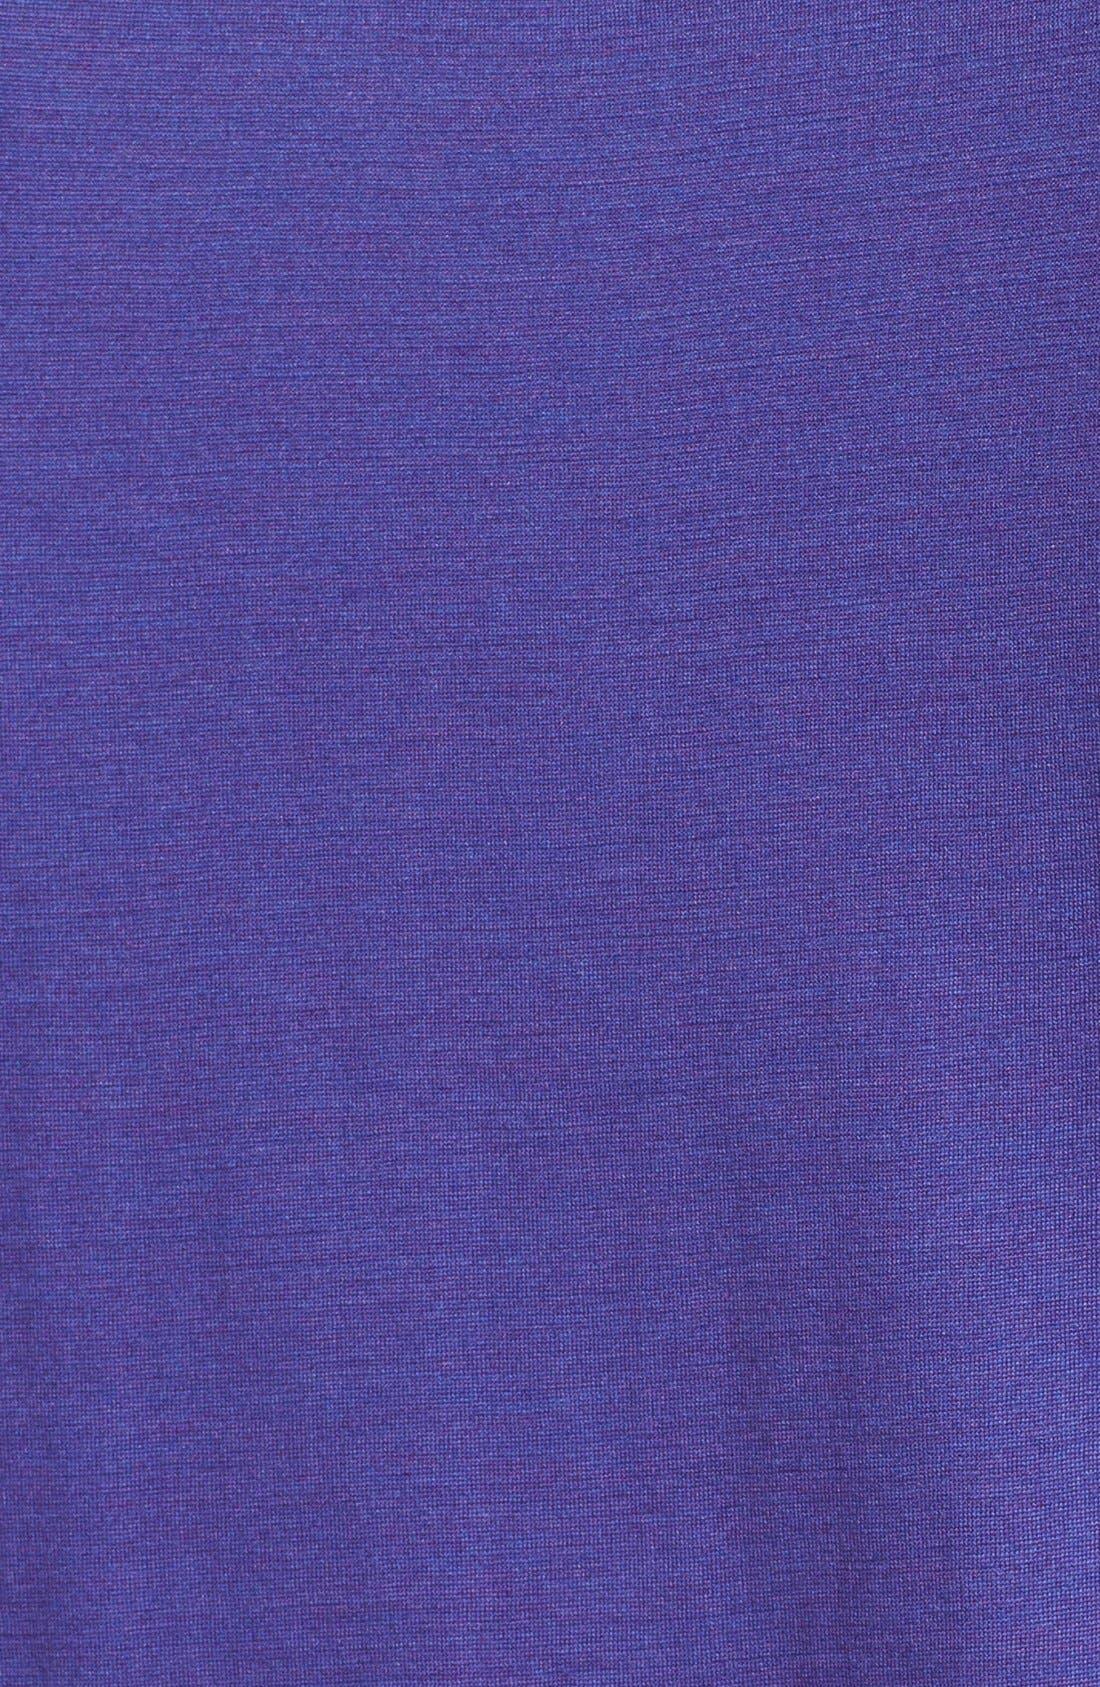 Alternate Image 3  - Eileen Fisher Scoop Neck Metallic Knit Top